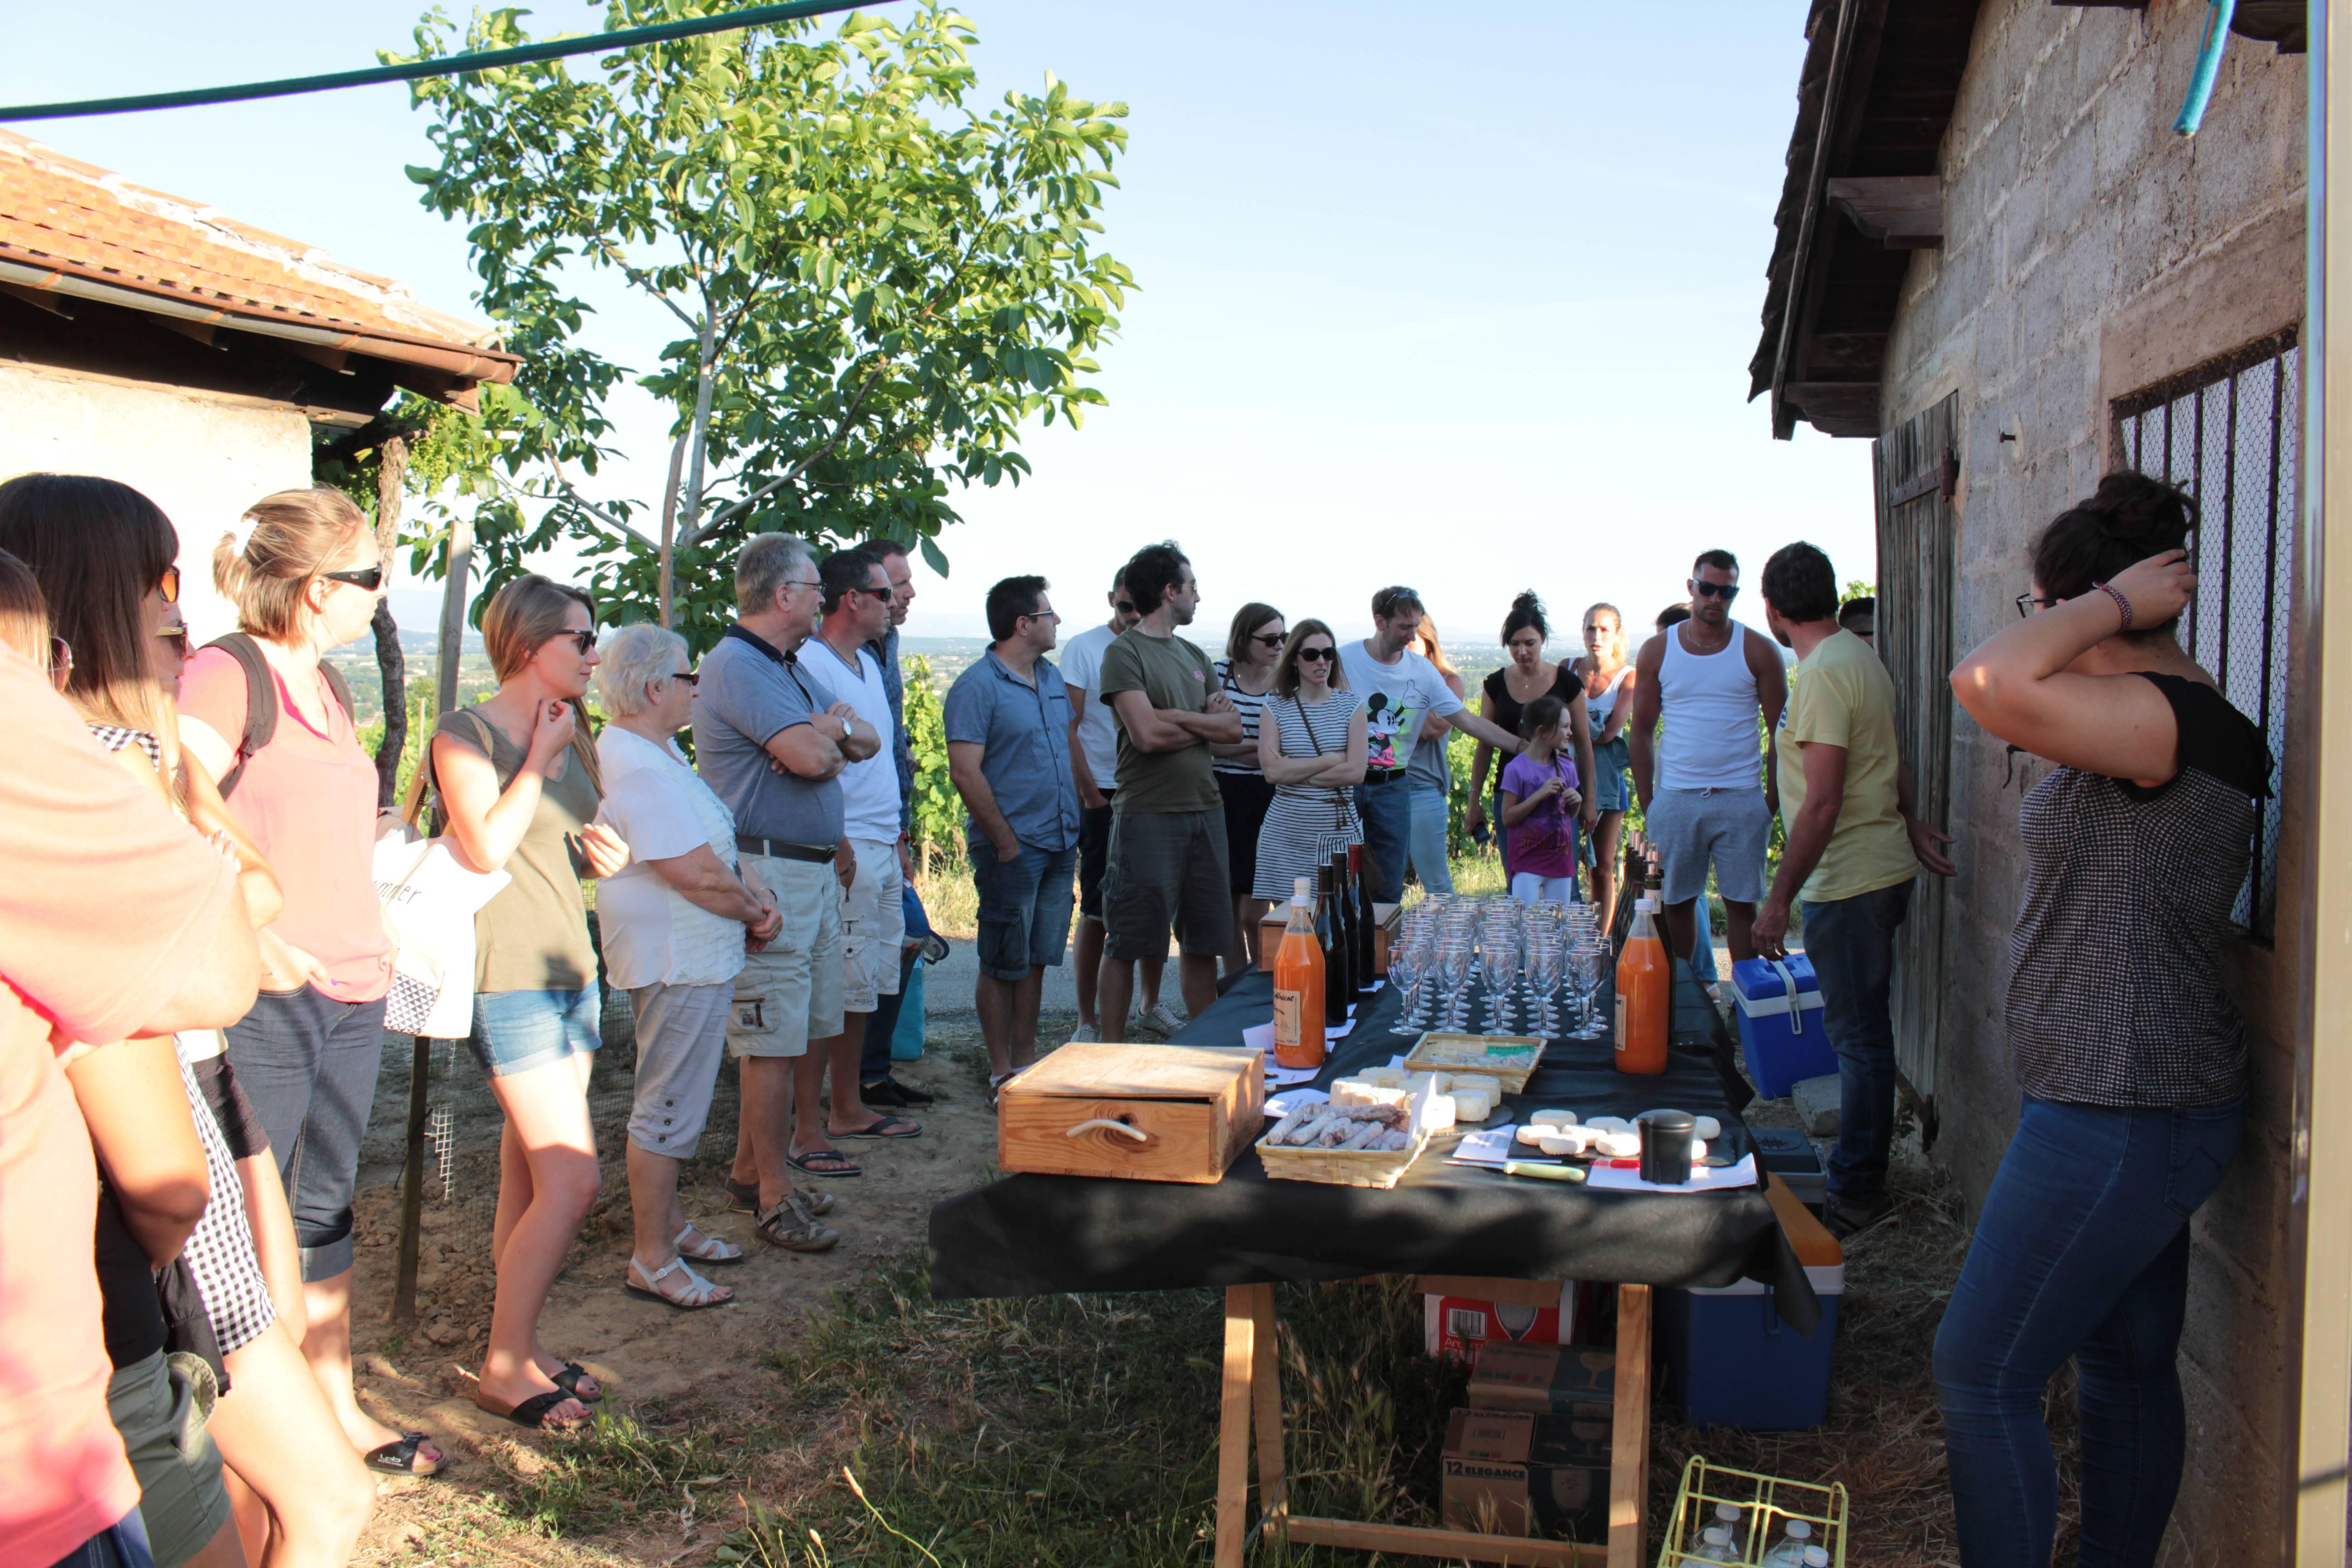 rencontre avec un sommelier au cœur des vignes de l'Hermitage